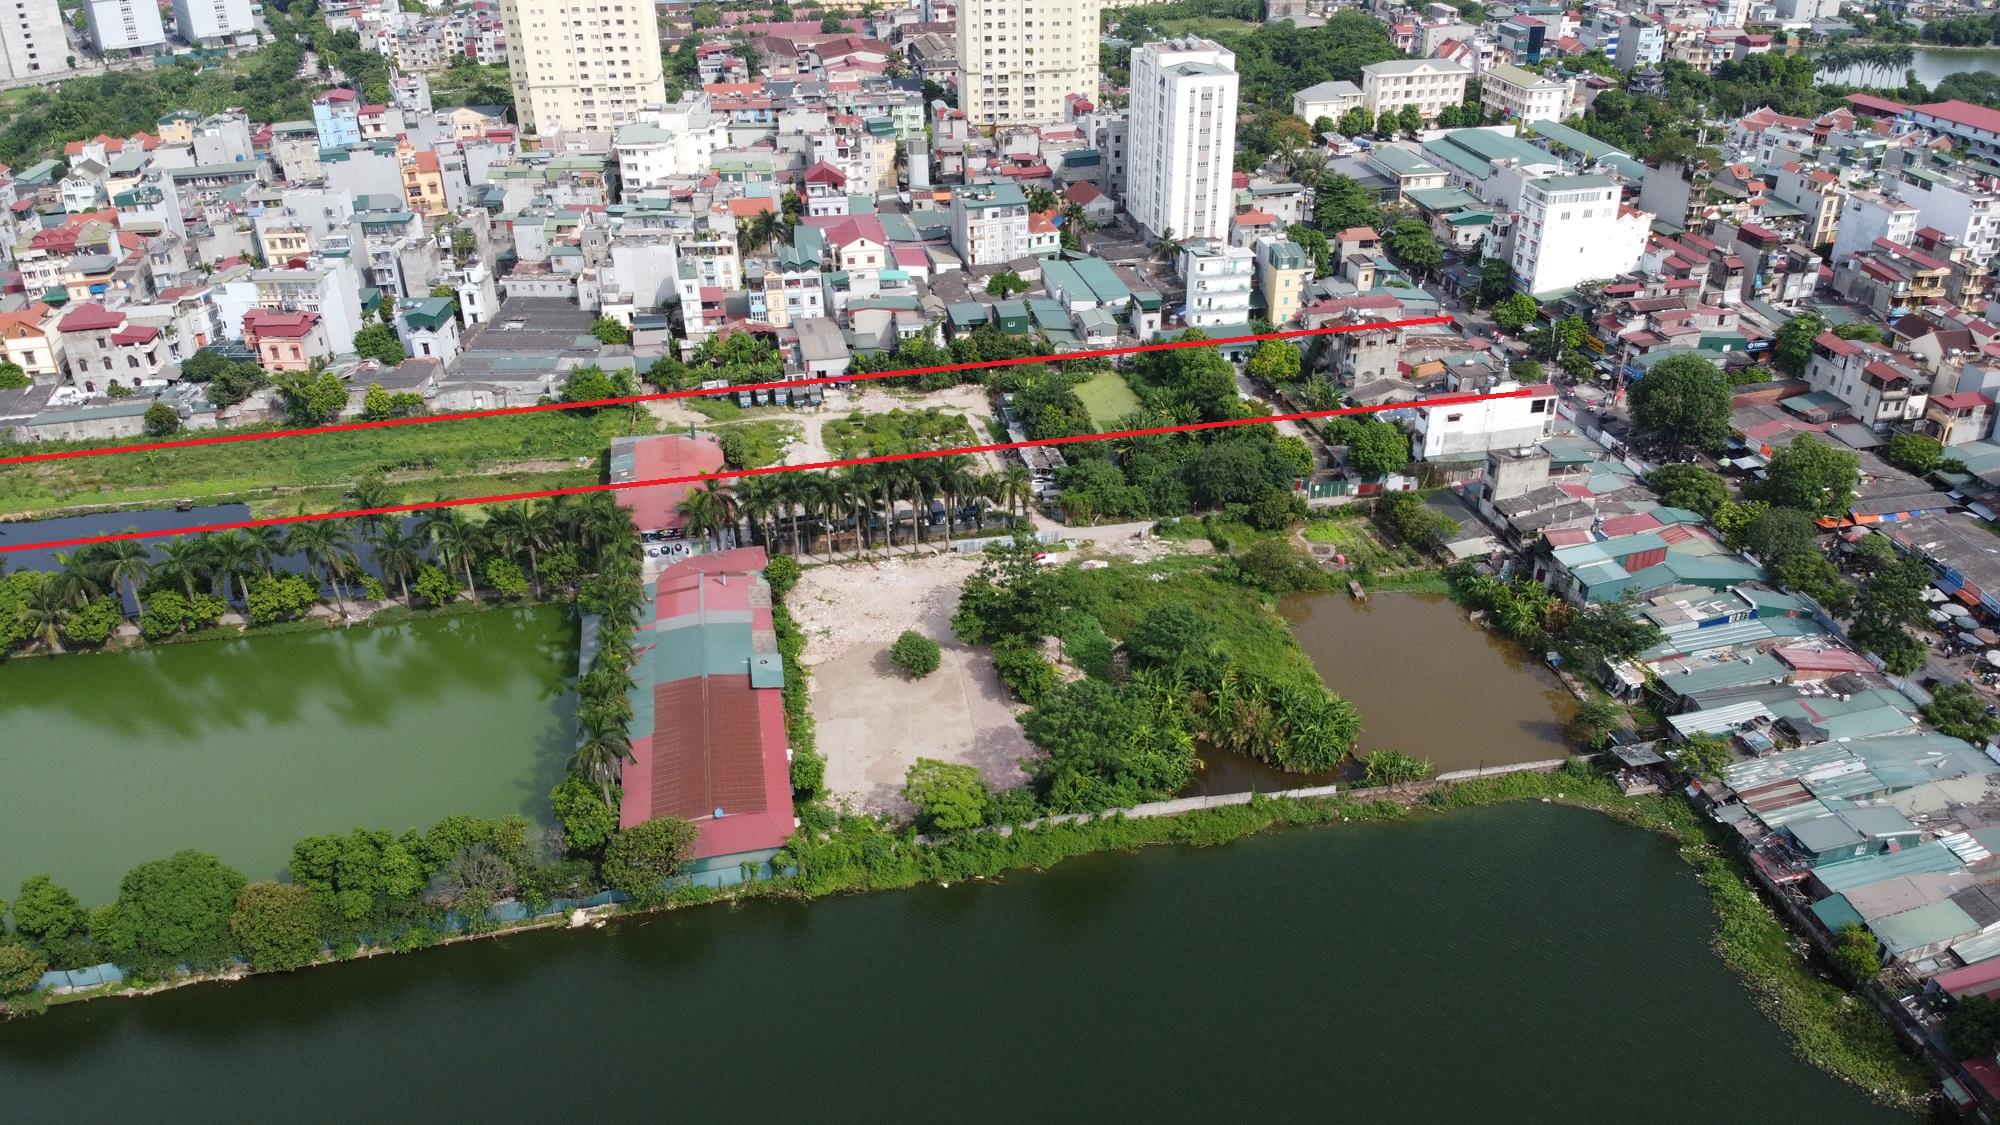 đường sẽ mở theo qui hoạch ở phường Trần Phú, Hoàng Mai, Hà Nội - Ảnh 3.